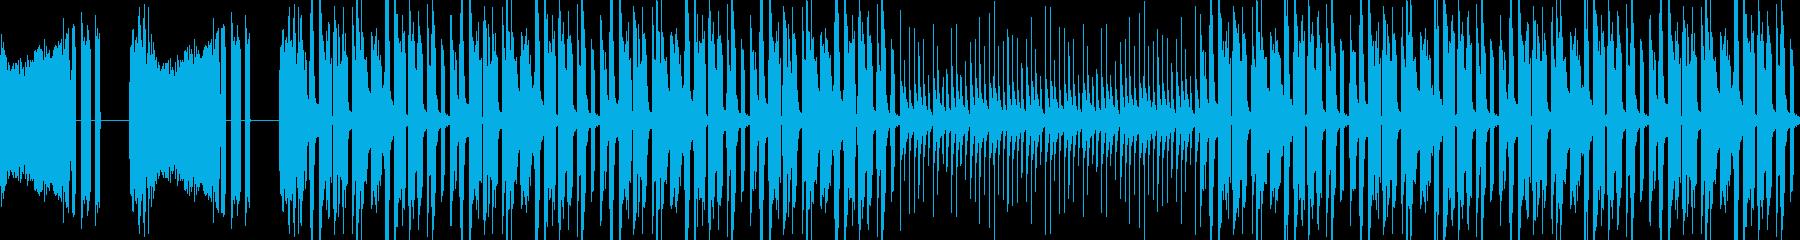 【軽快で楽しげオルガンJAZZ】の再生済みの波形